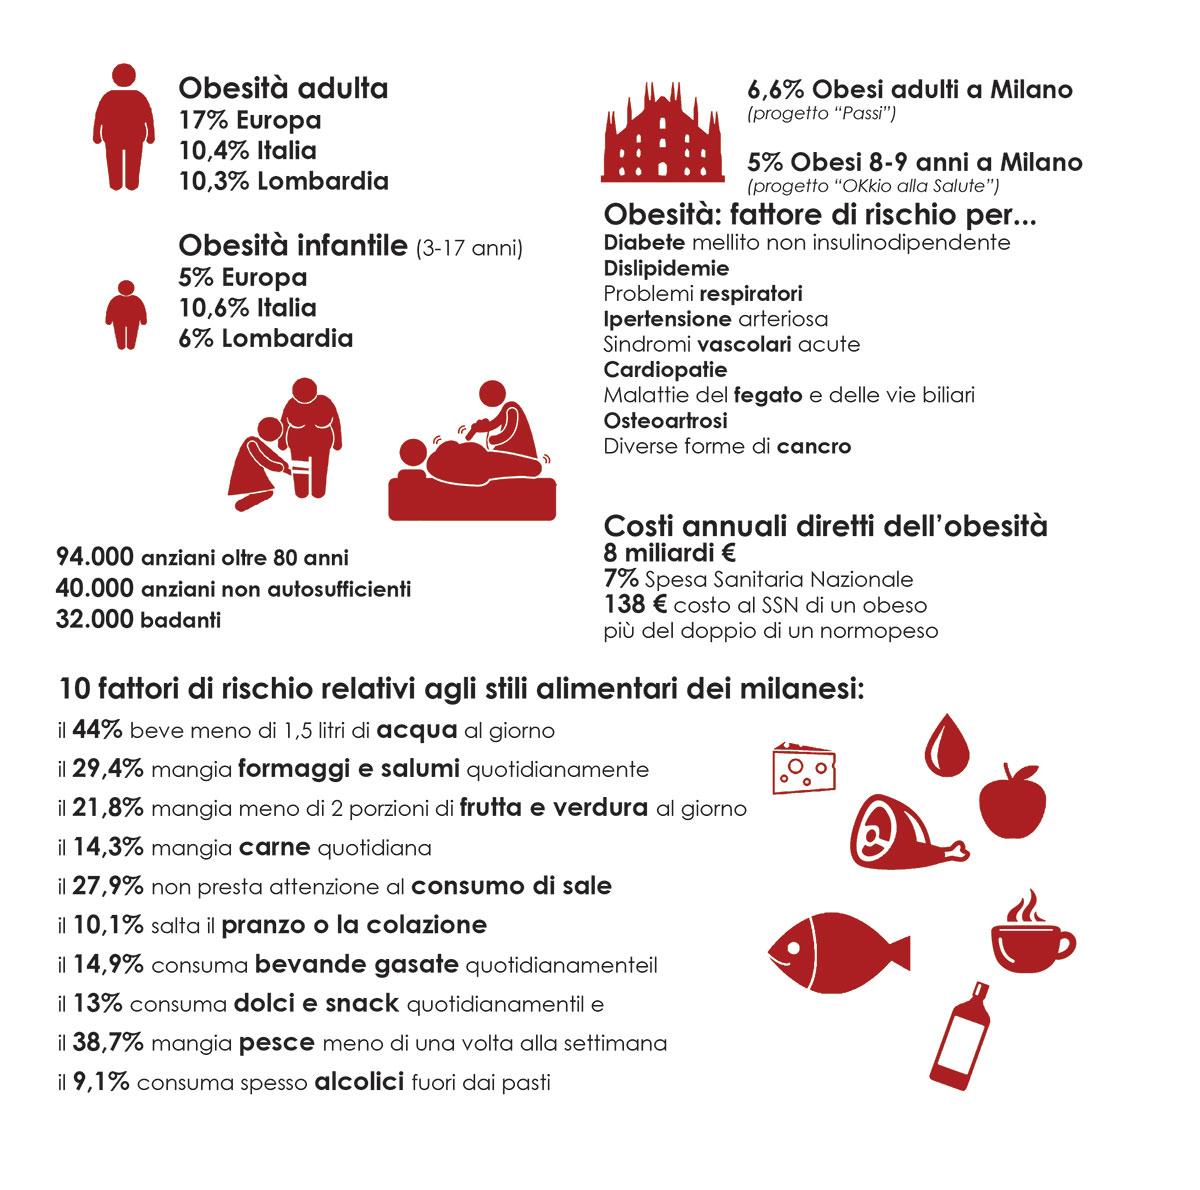 Sintesi delle principali evidenze relative all'obesità nel contesto milanese